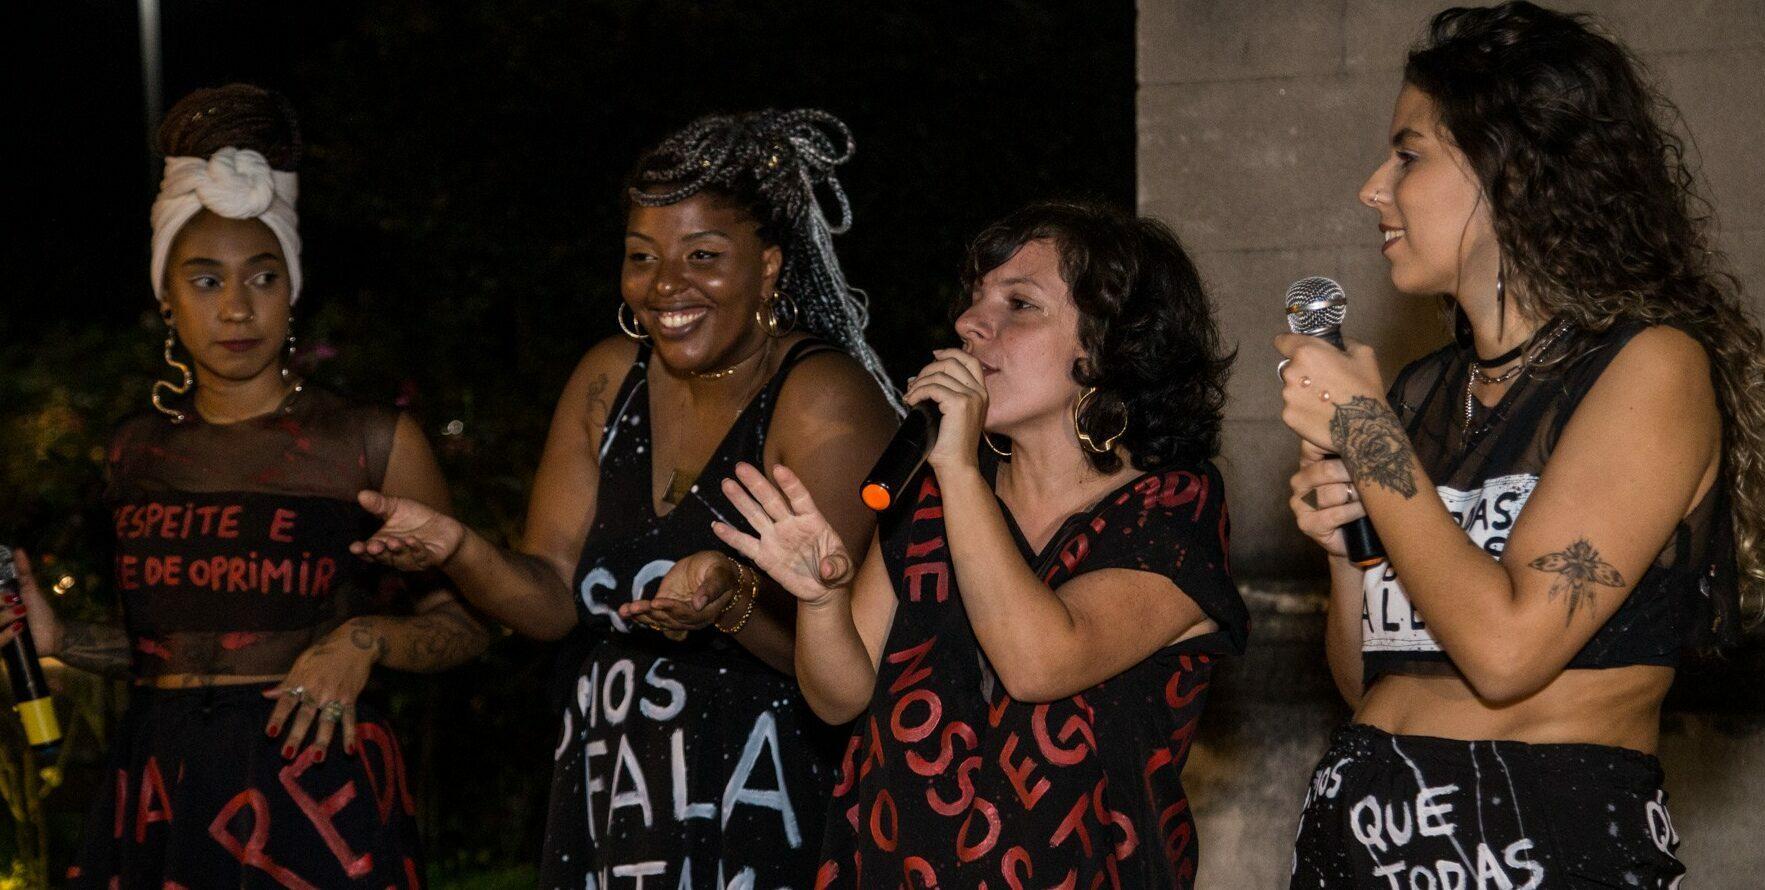 Na foto, quatro mulheres participam de um slam. Uma delas segura um microfone.